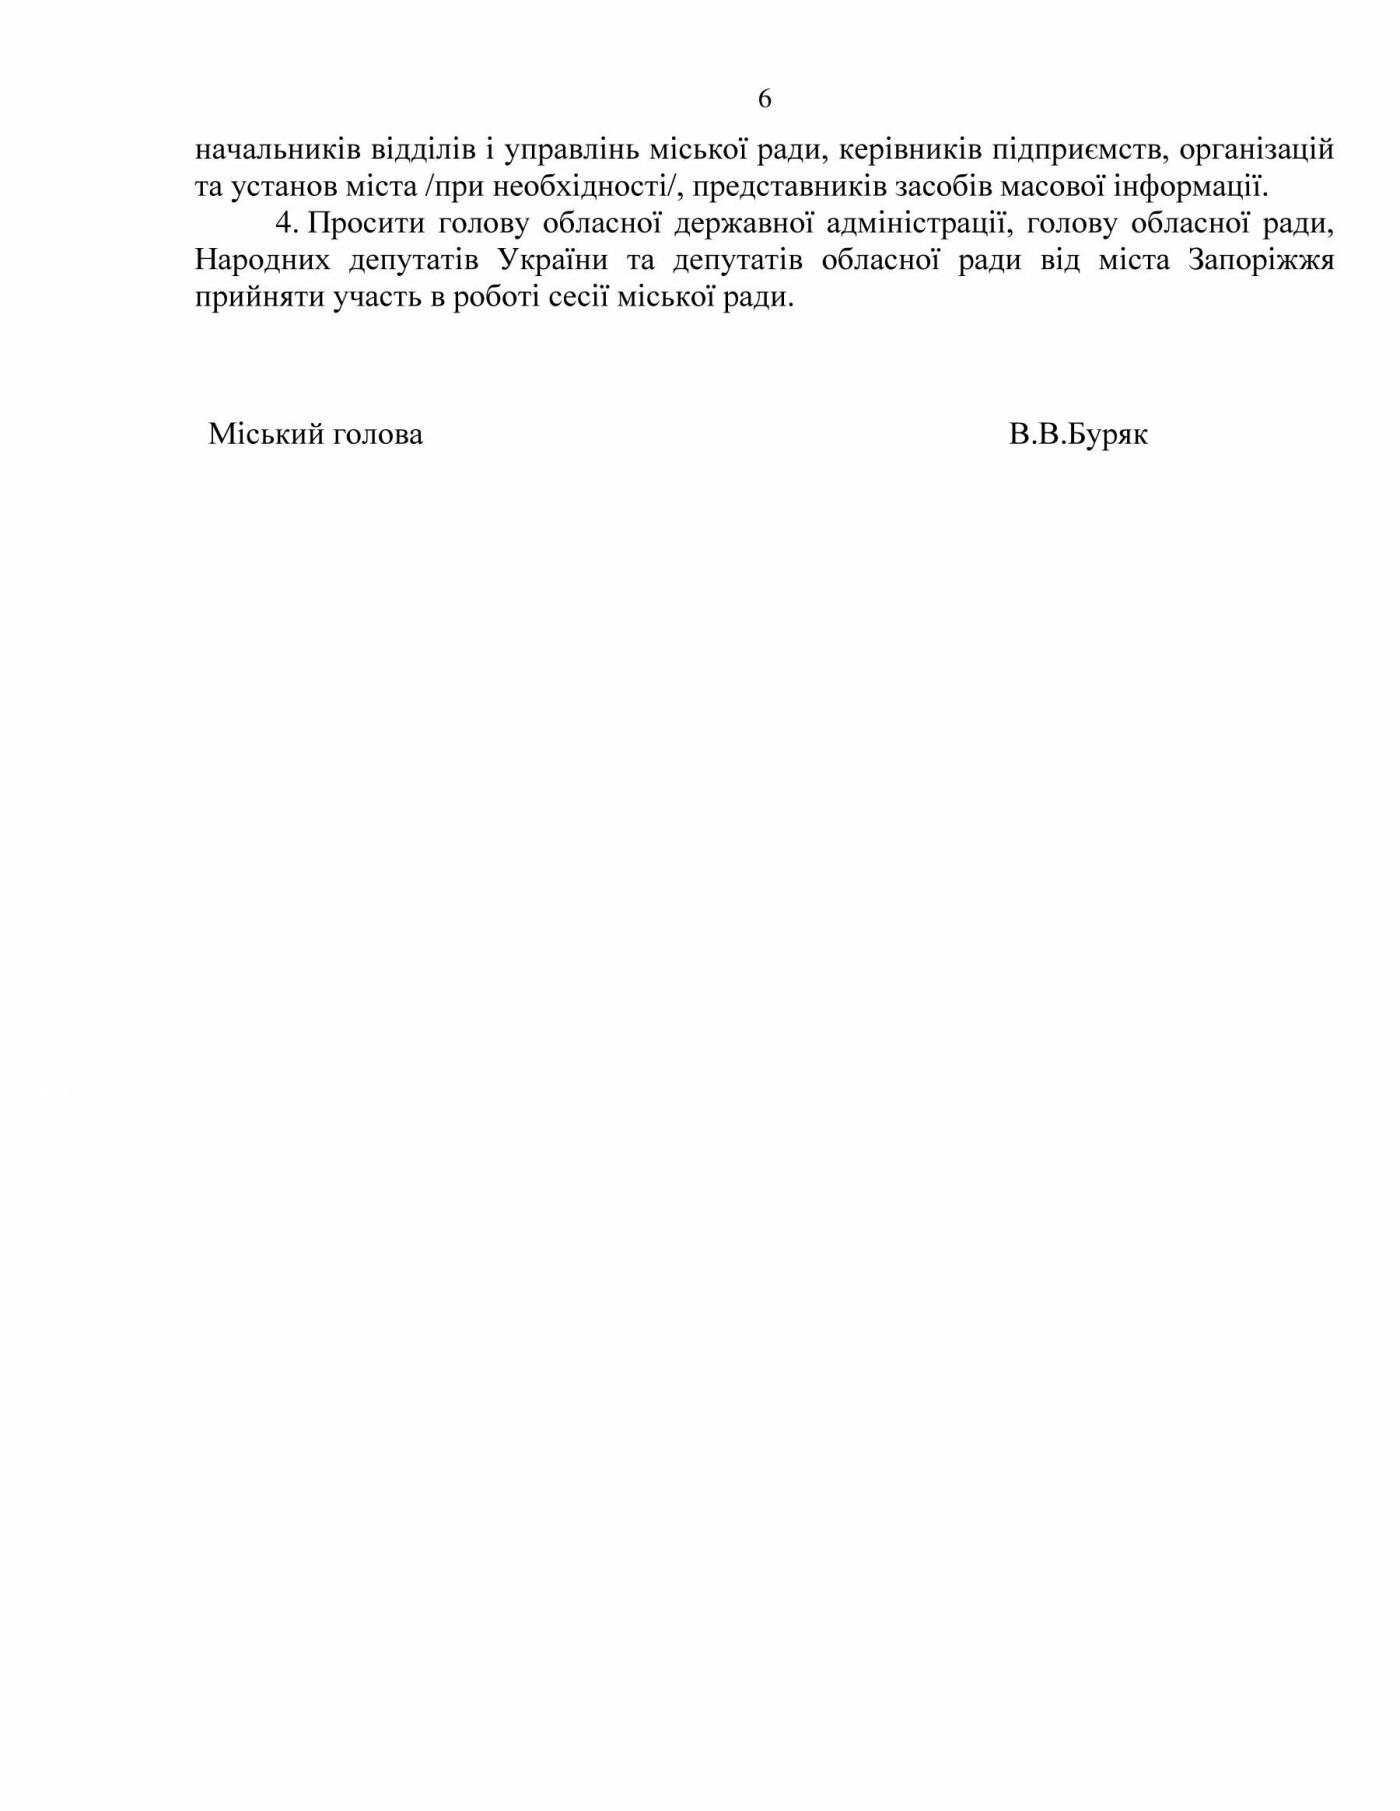 Мэр Запорожья созывает сессию: какие вопросы на повестке дня, - ДОКУМЕНТ , фото-6